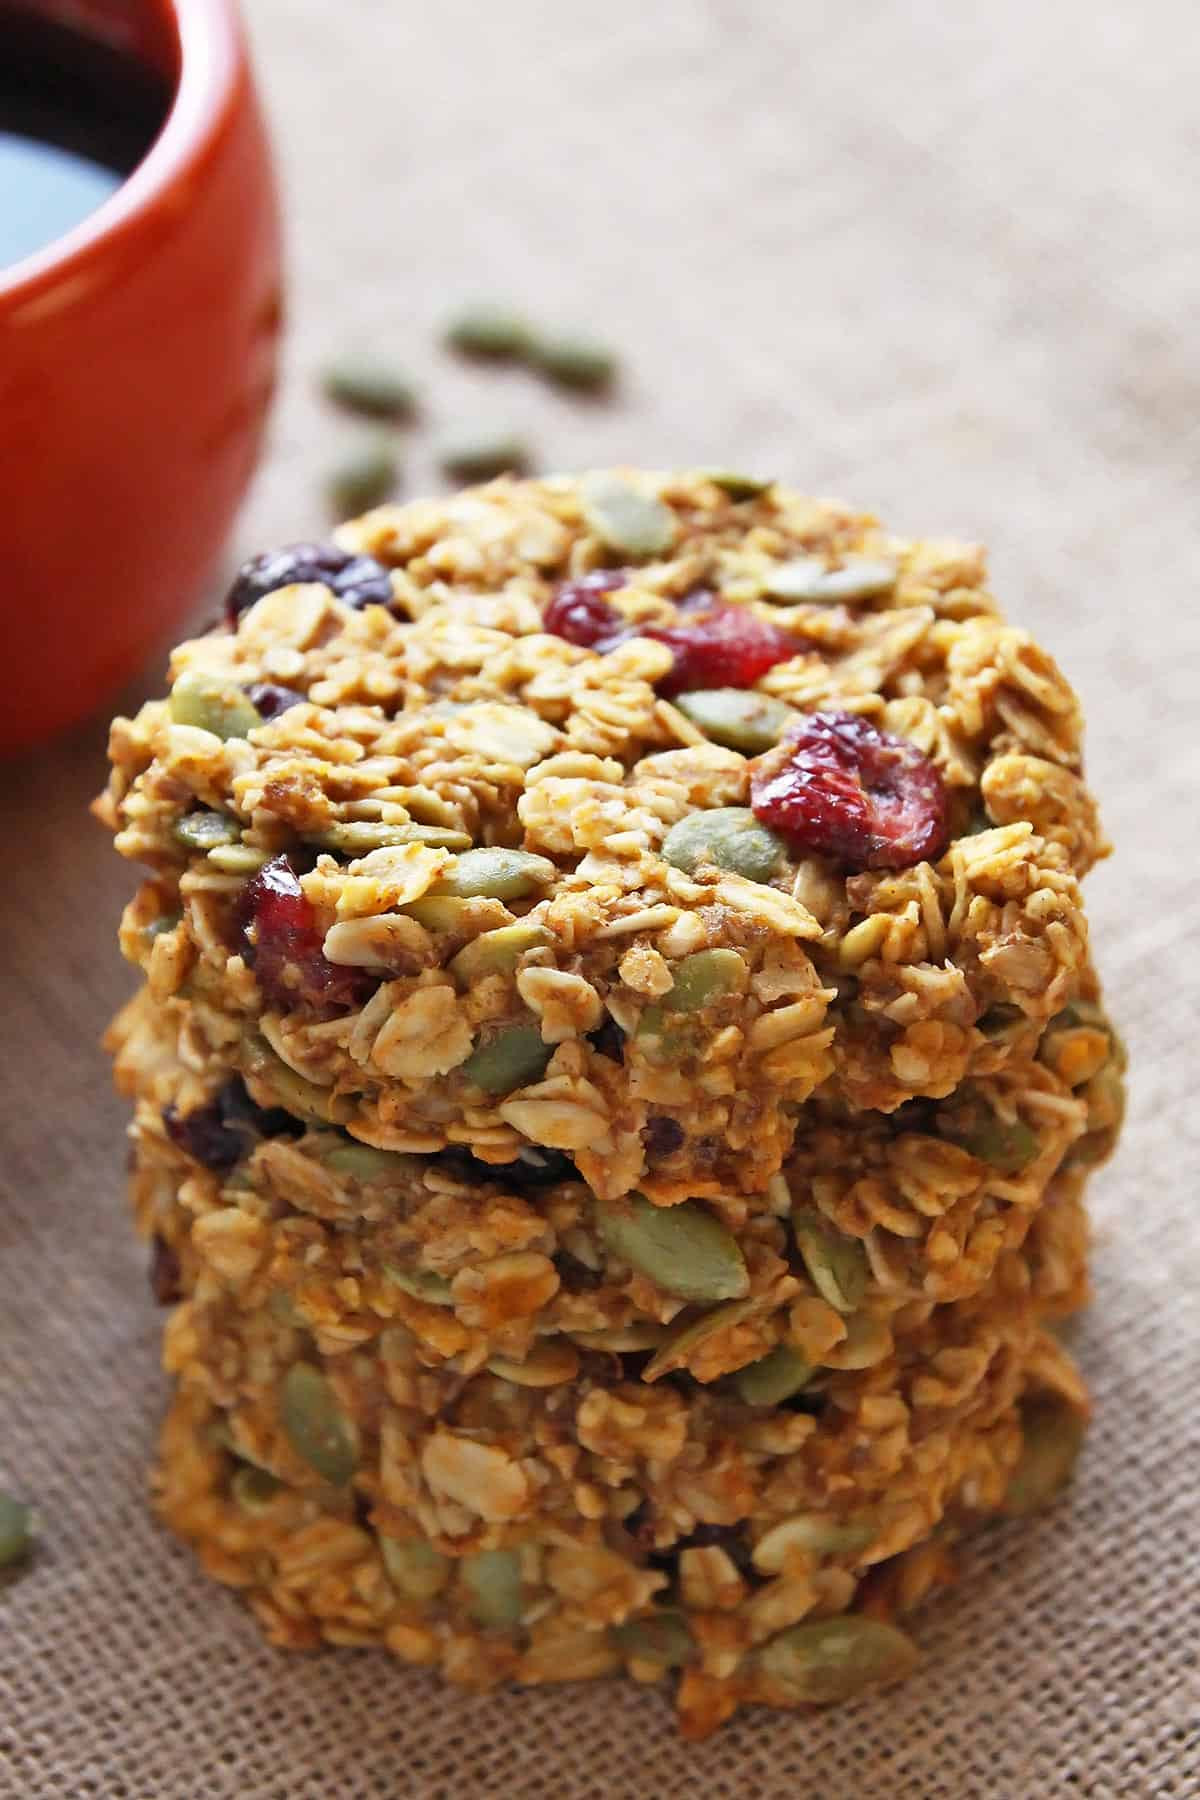 Breakfast Cookie Recipe Healthy  healthy breakfast cookies and bars